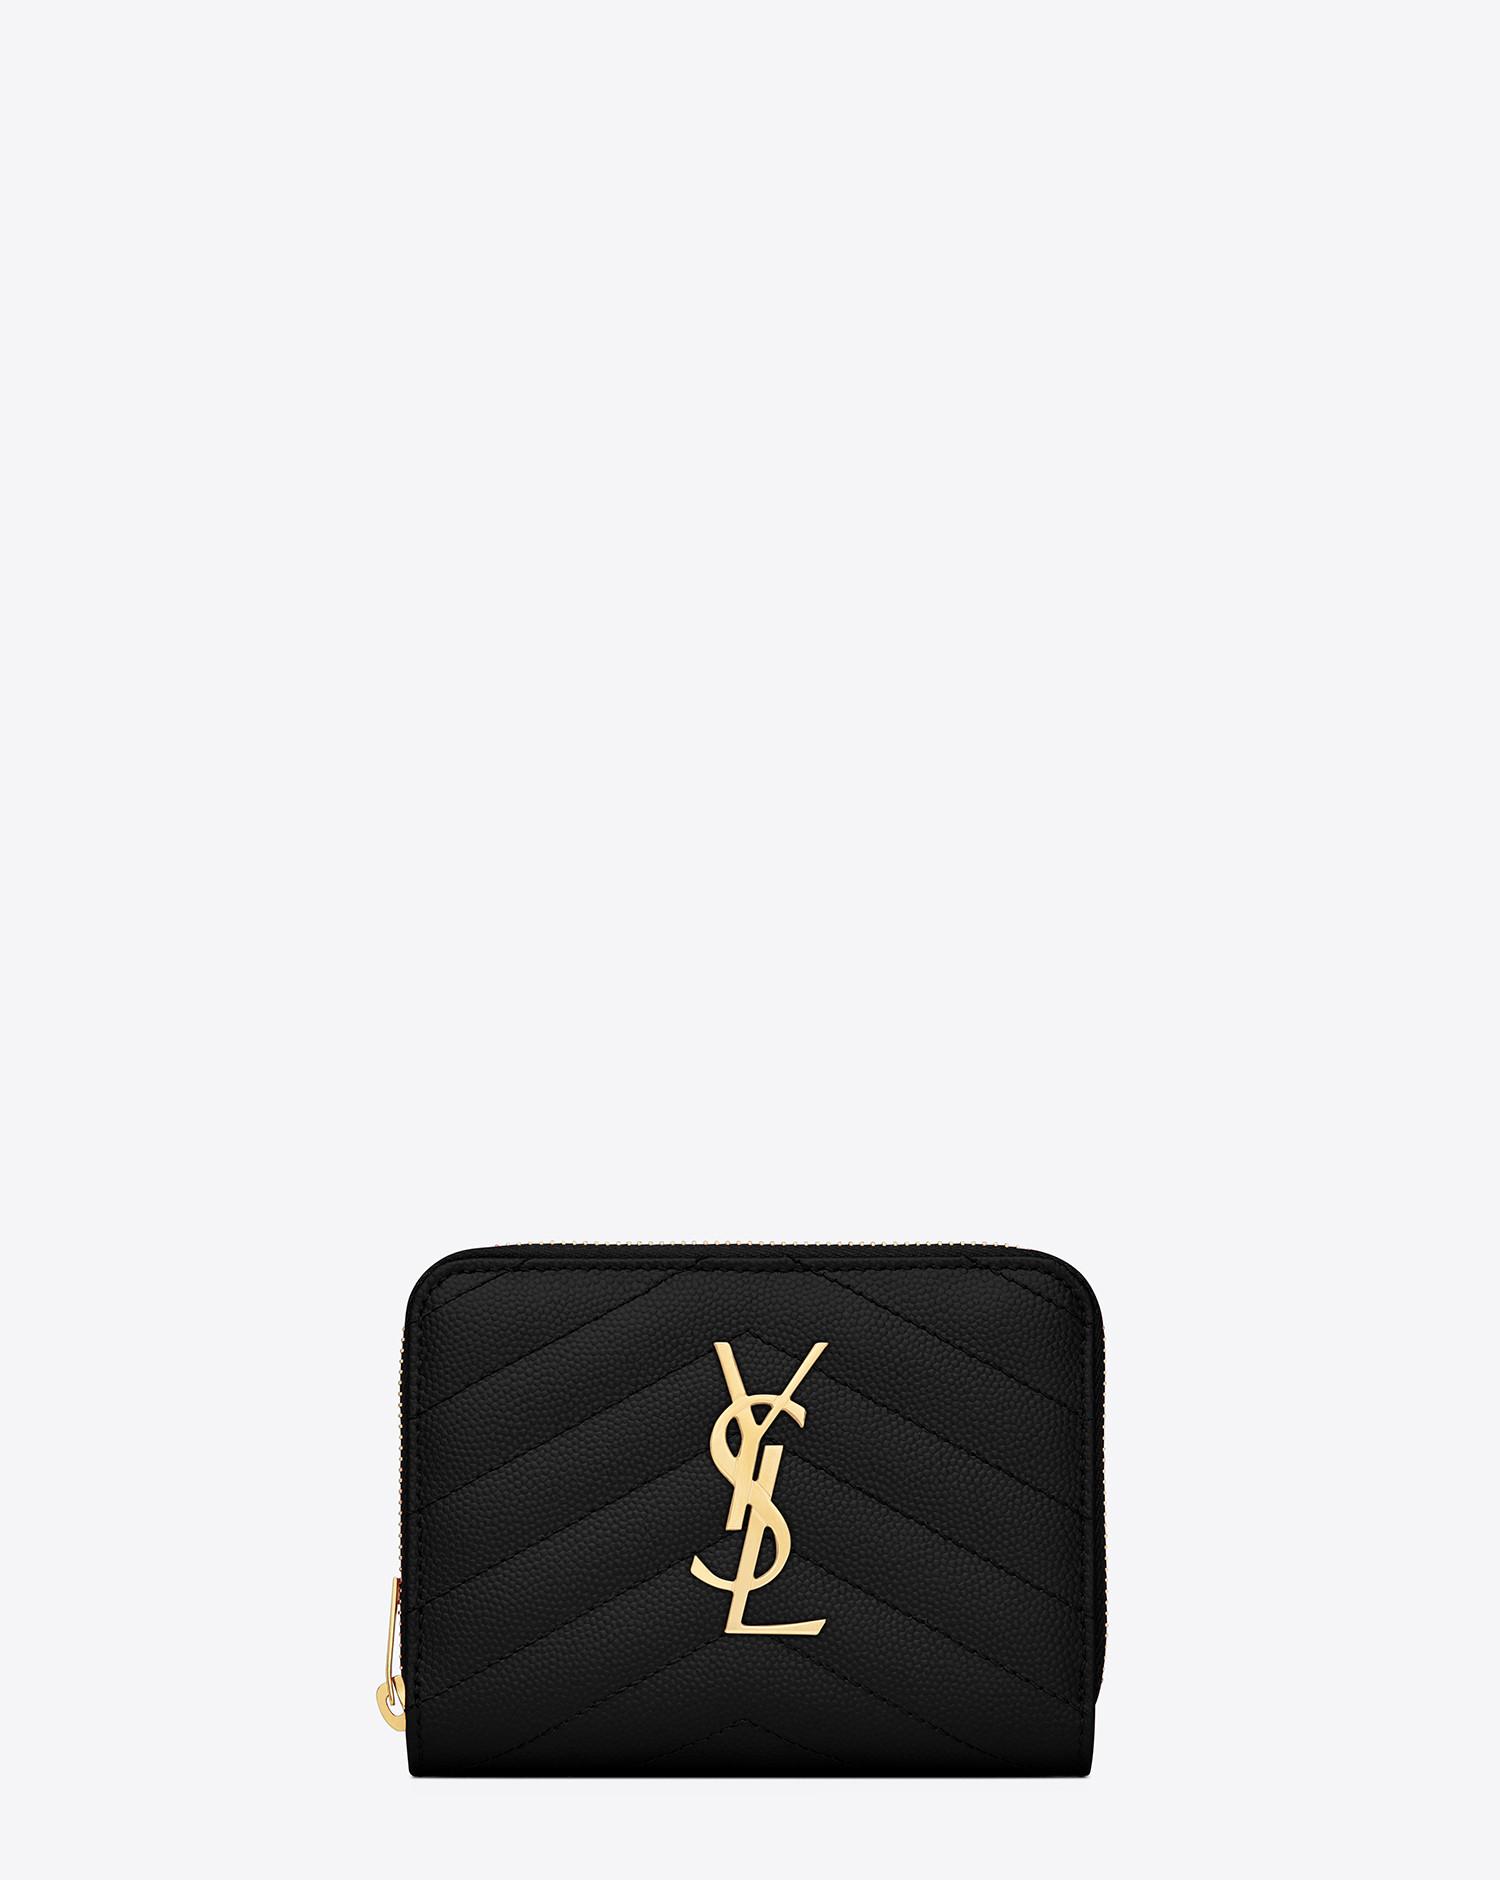 256d7798fcefe9 Saint laurent Monogram Compact Zip Around Wallet In Black Grain De Poudre  Textured Matelassé .